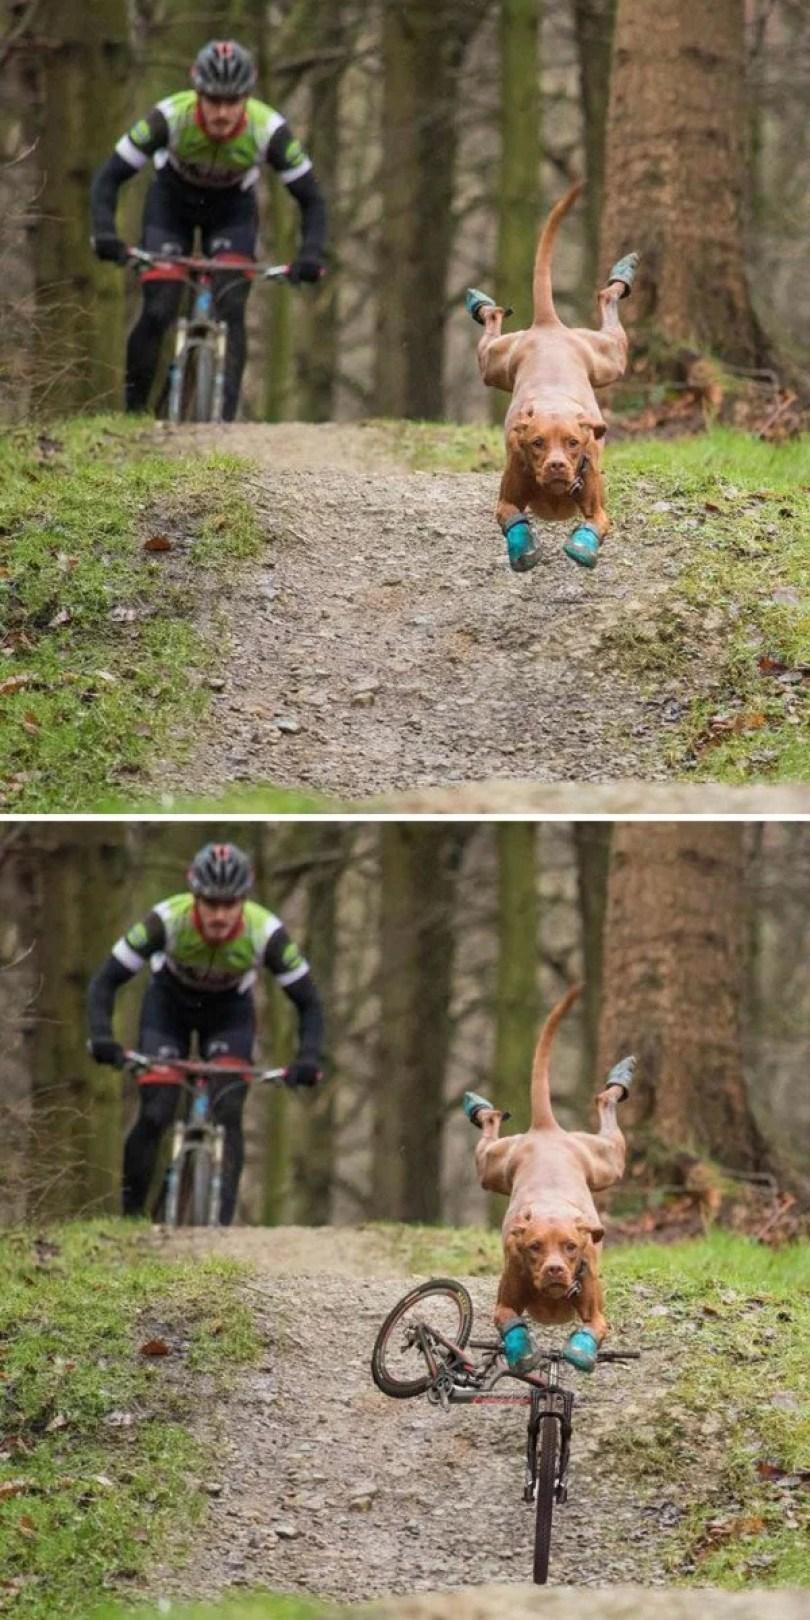 photoshop engraçado21 - 21 fotos mais engraçados  e criativas transformadas pelo Photoshop